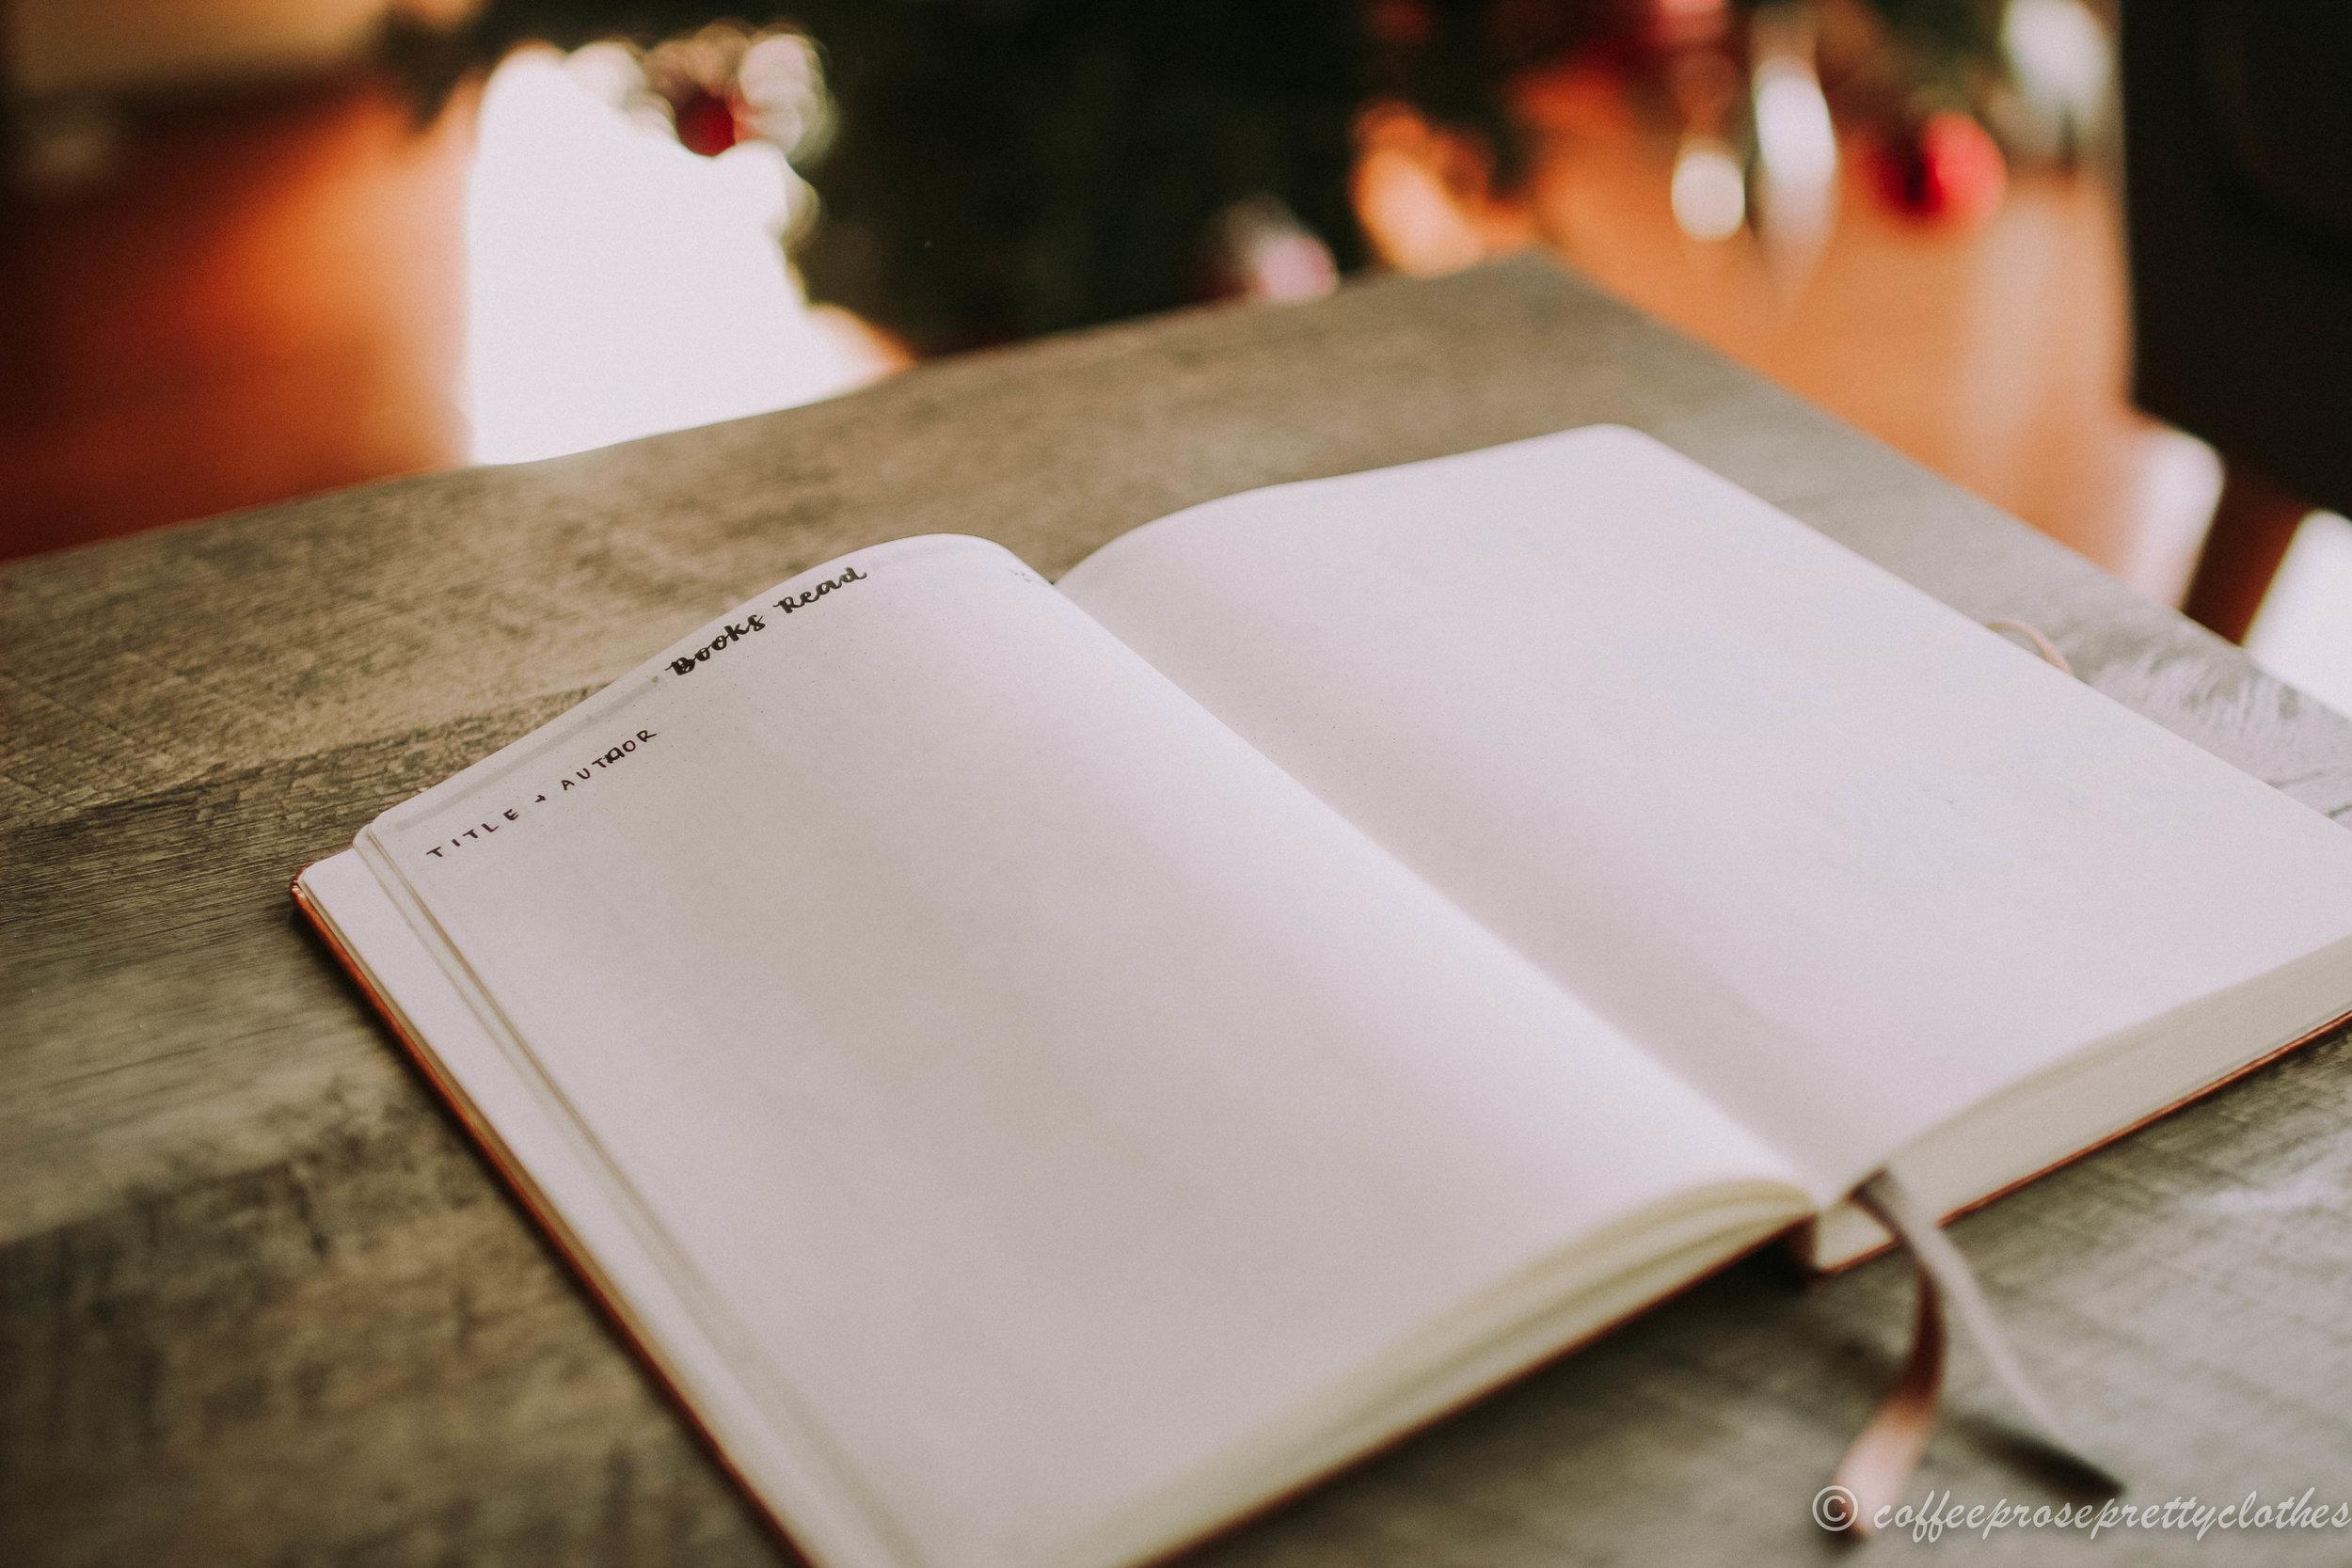 2019 Bullet Journal Setup Books Read